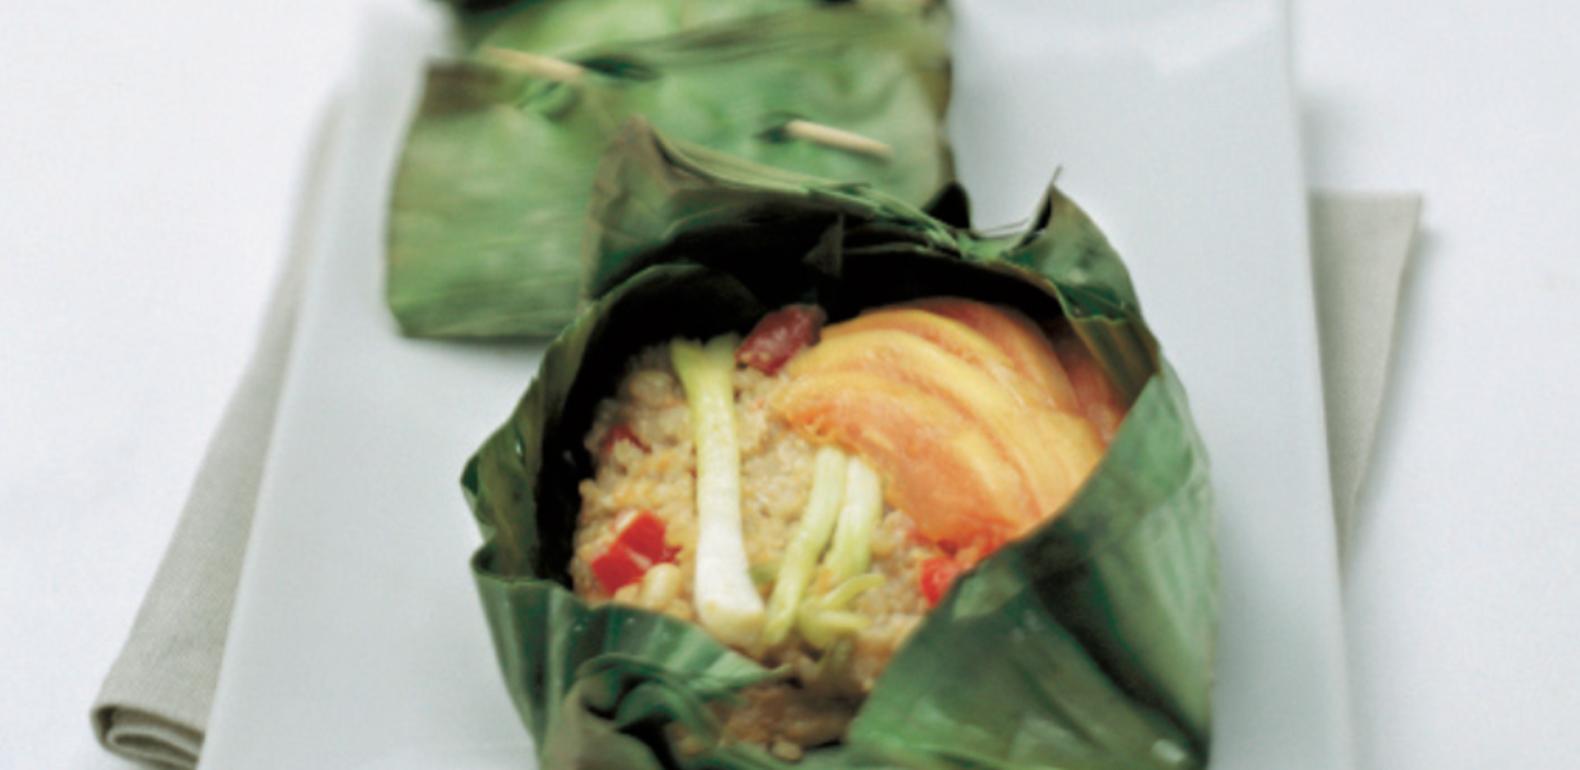 riz exotique en feuilles de bananier - a.vogel